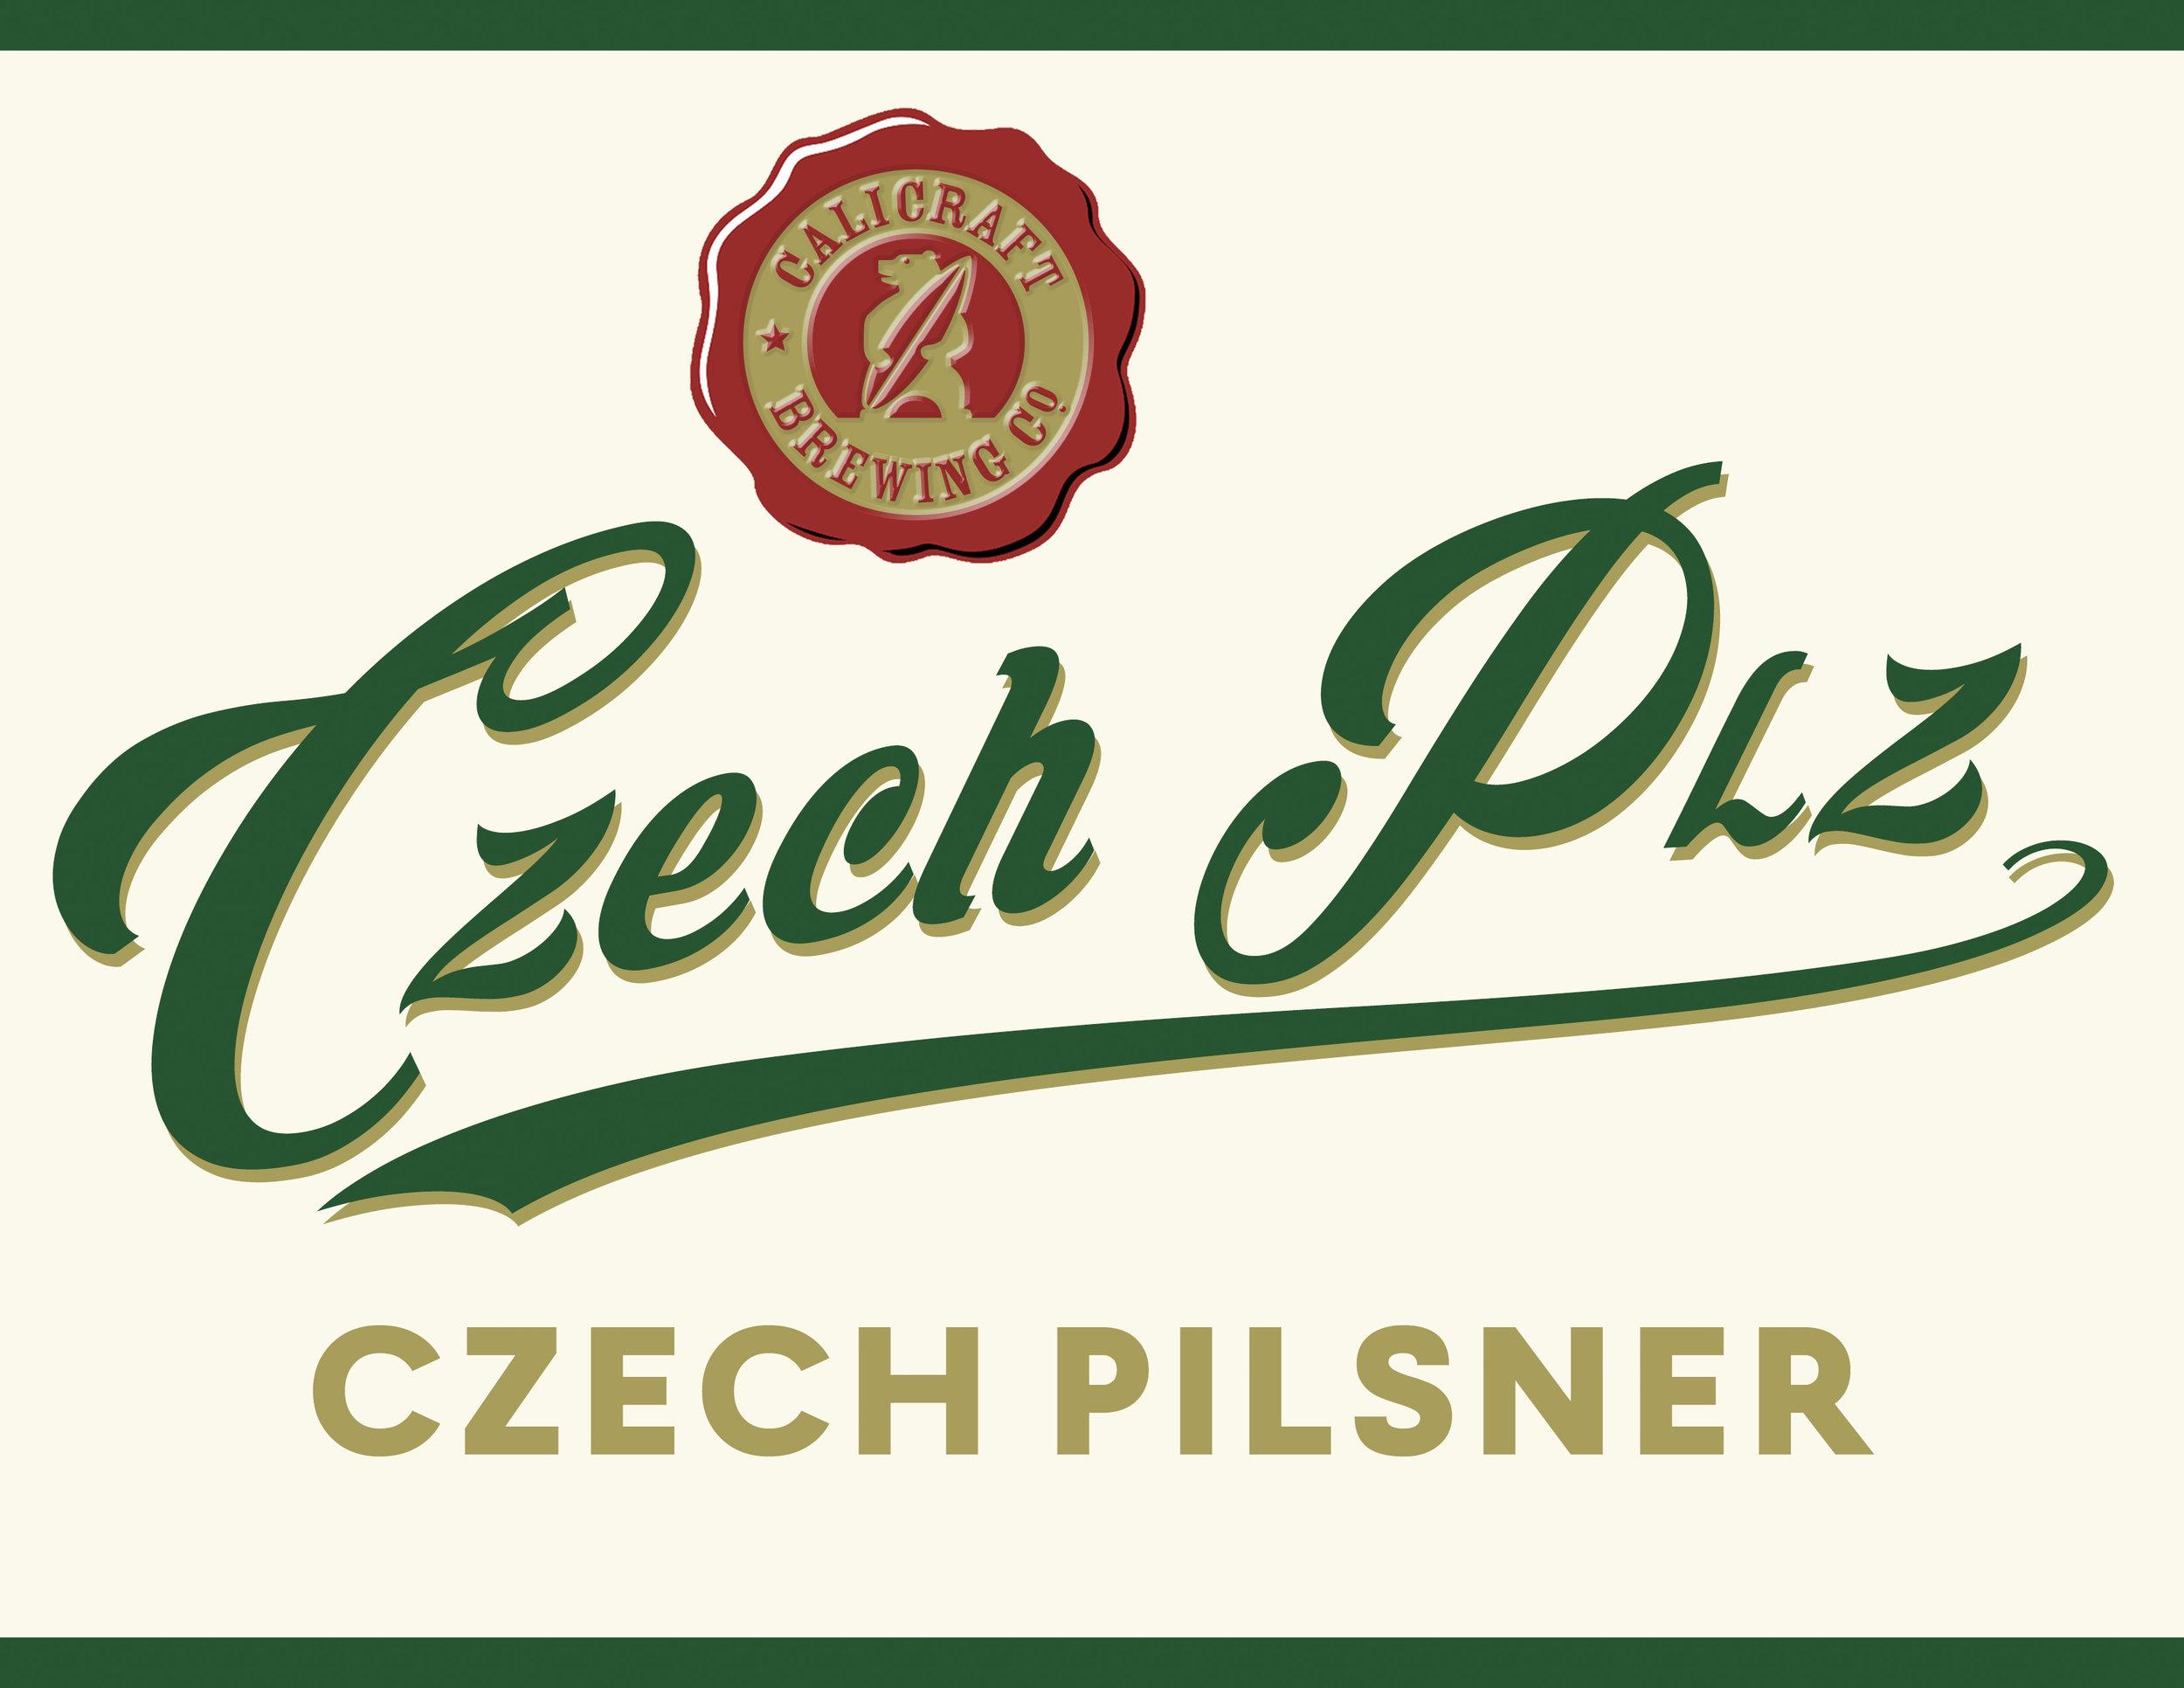 Czech PLZ.jpg